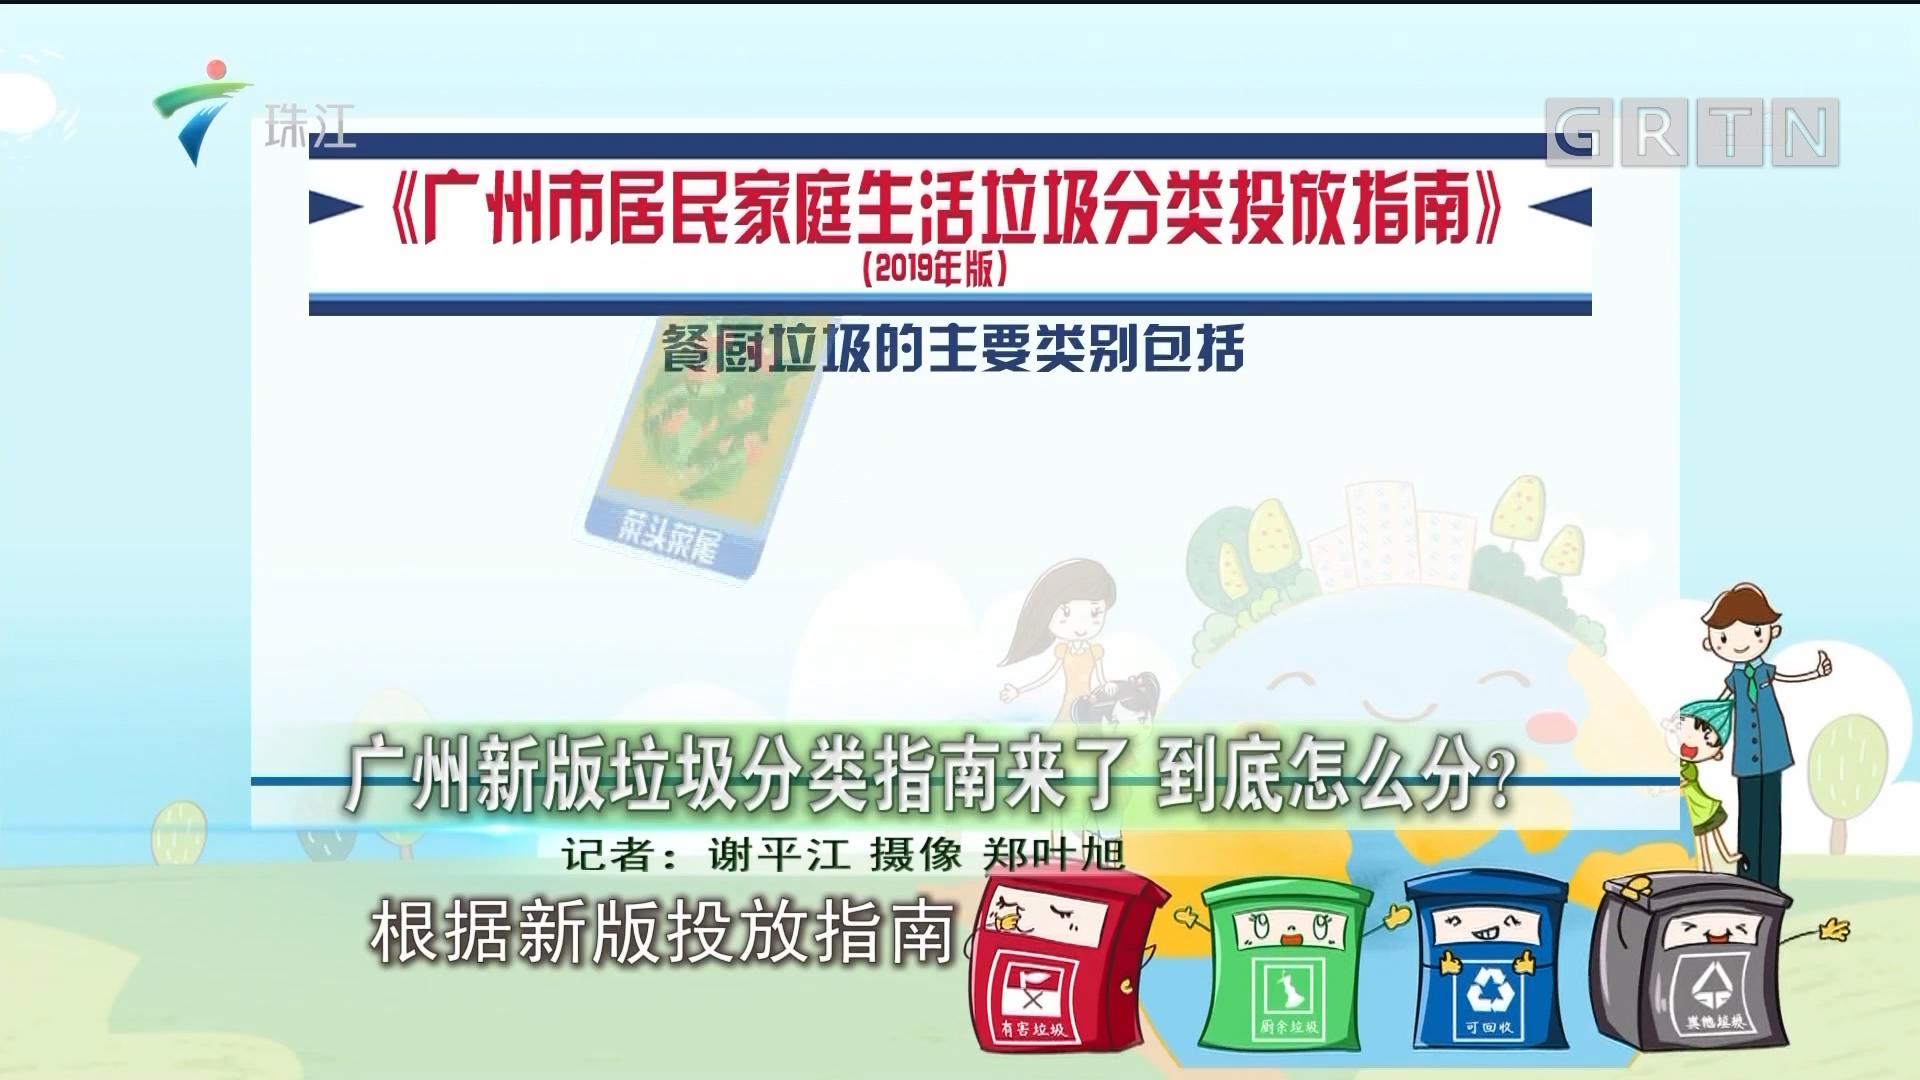 广州新版垃圾分类指南来了 到底怎么分?